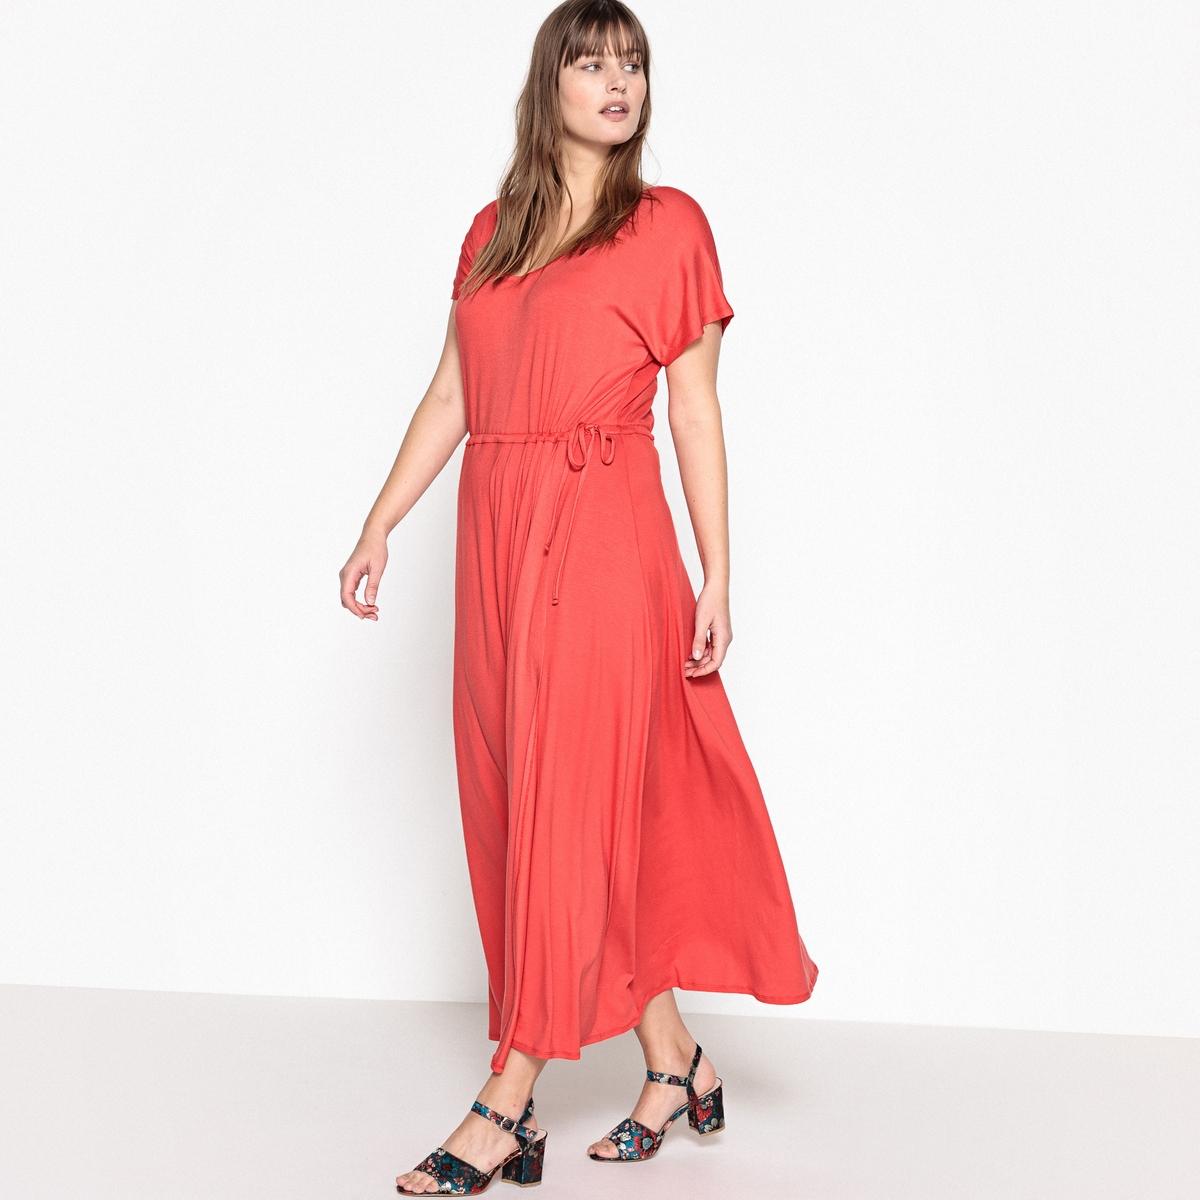 Платье прямое длинное, однотонное, с короткими рукавамиОчень длинное платье из трикотажа: верх элегантности. Это длинное трикотажное платье можно носить каждый день или надеть на вечеринку в сочетании с яркими аксессуарами.Детали •  Форма: расклешенная •  Длина ниже колен •  Короткие рукава    •   V-образный вырезСостав и уход •  95 % вискоза, 5 % эластан •  Температура стирки при 30° на деликатном режиме •  Сухая чистка и отбеливатели запрещены •  Не использовать барабанную сушку •  Низкая температура глажкиТовар из коллекции больших размеров •  Очень длинное.• Завязка на поясе в кулиске.• Длина посередине спинки 140 см.<br><br>Цвет: черный<br>Размер: 42 (FR) - 48 (RUS).46 (FR) - 52 (RUS).44 (FR) - 50 (RUS).52 (FR) - 58 (RUS).50 (FR) - 56 (RUS)